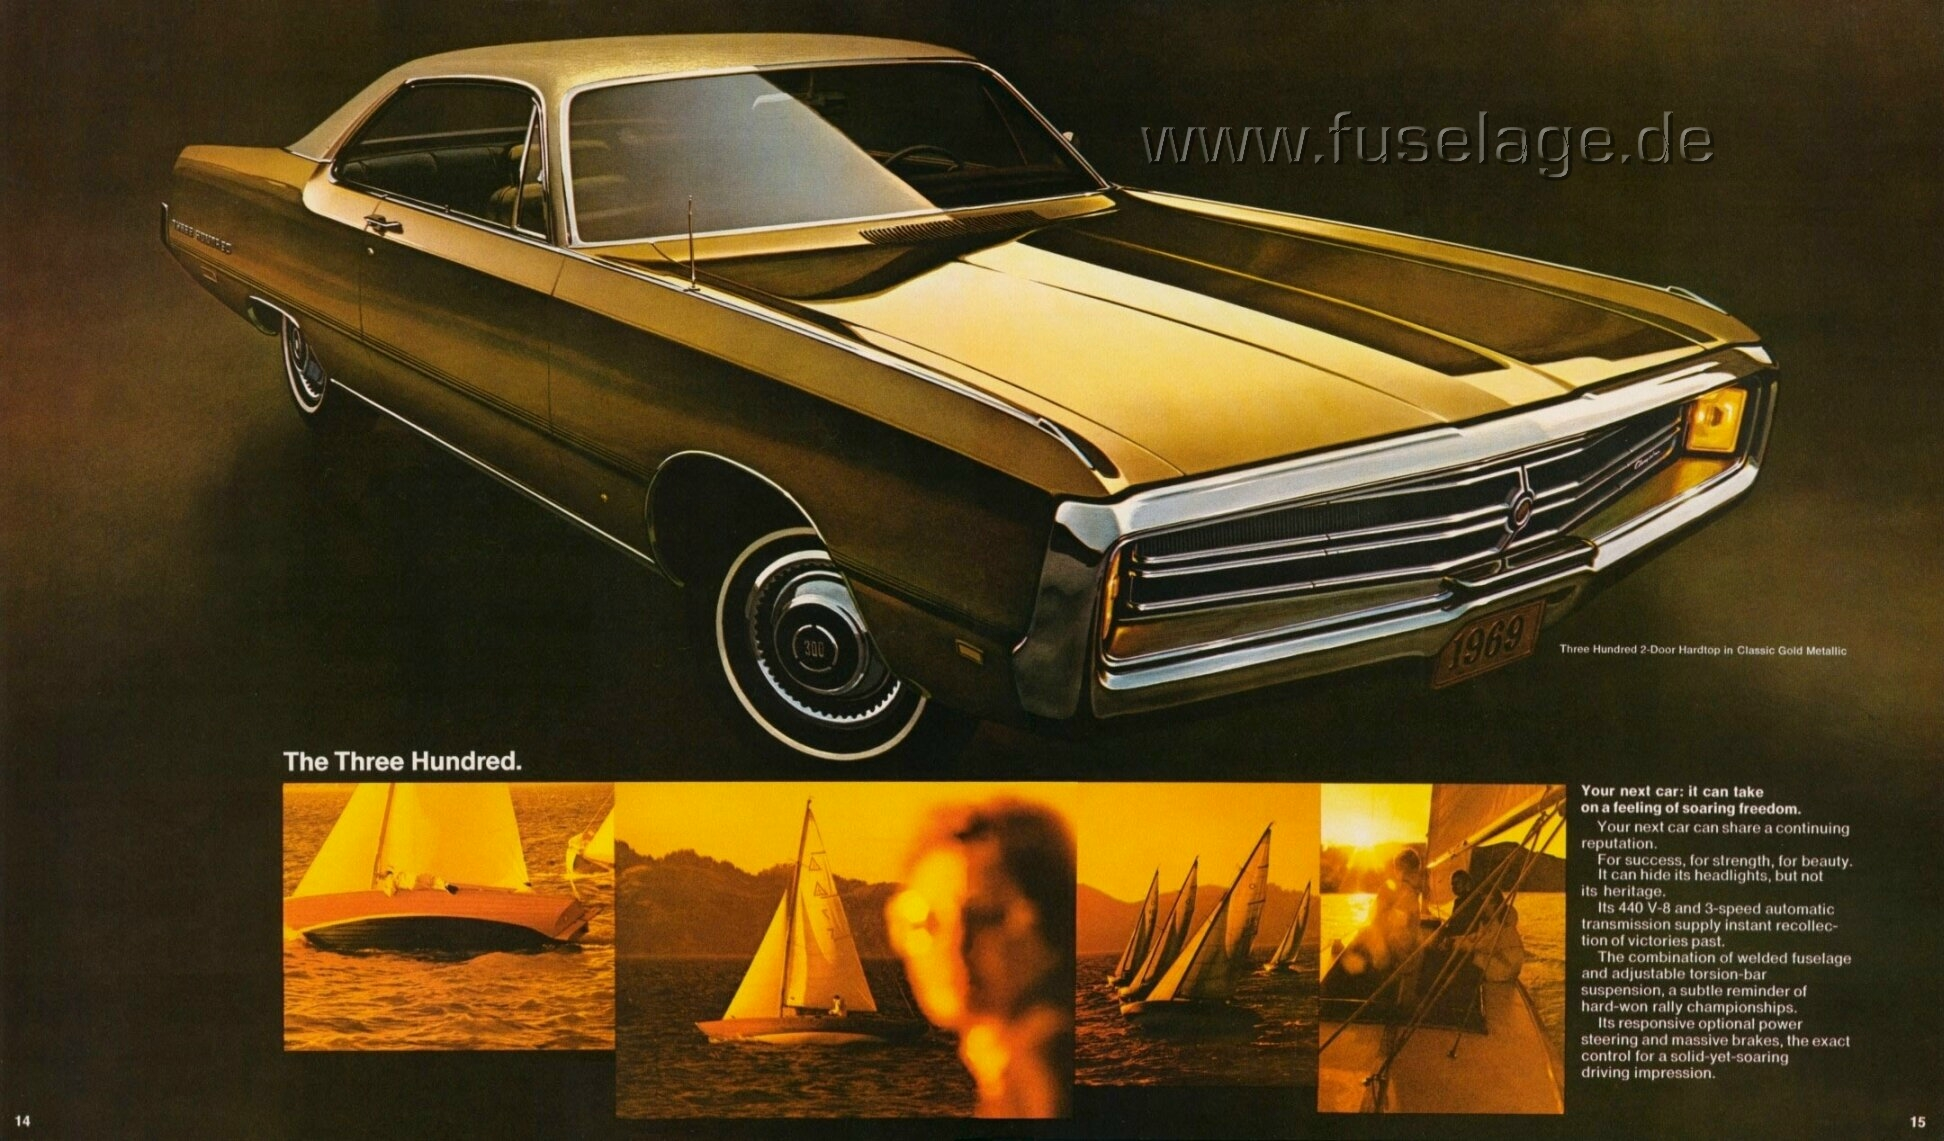 1969 Chrysler Catalog